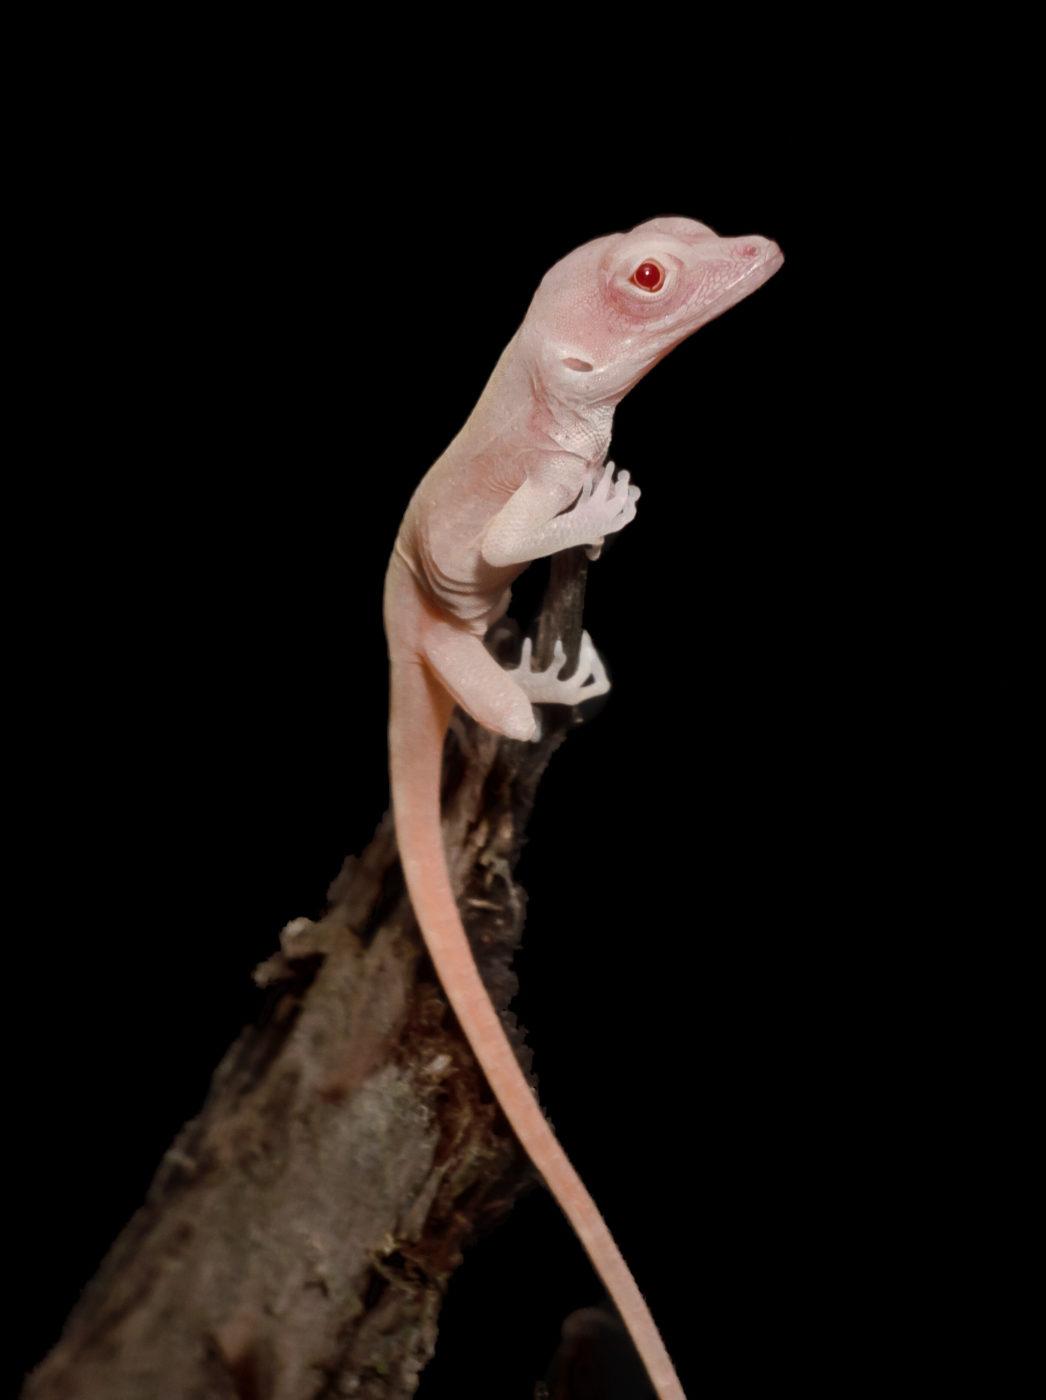 Эти ящерицы являются первыми в мире генноизмененные рептилии